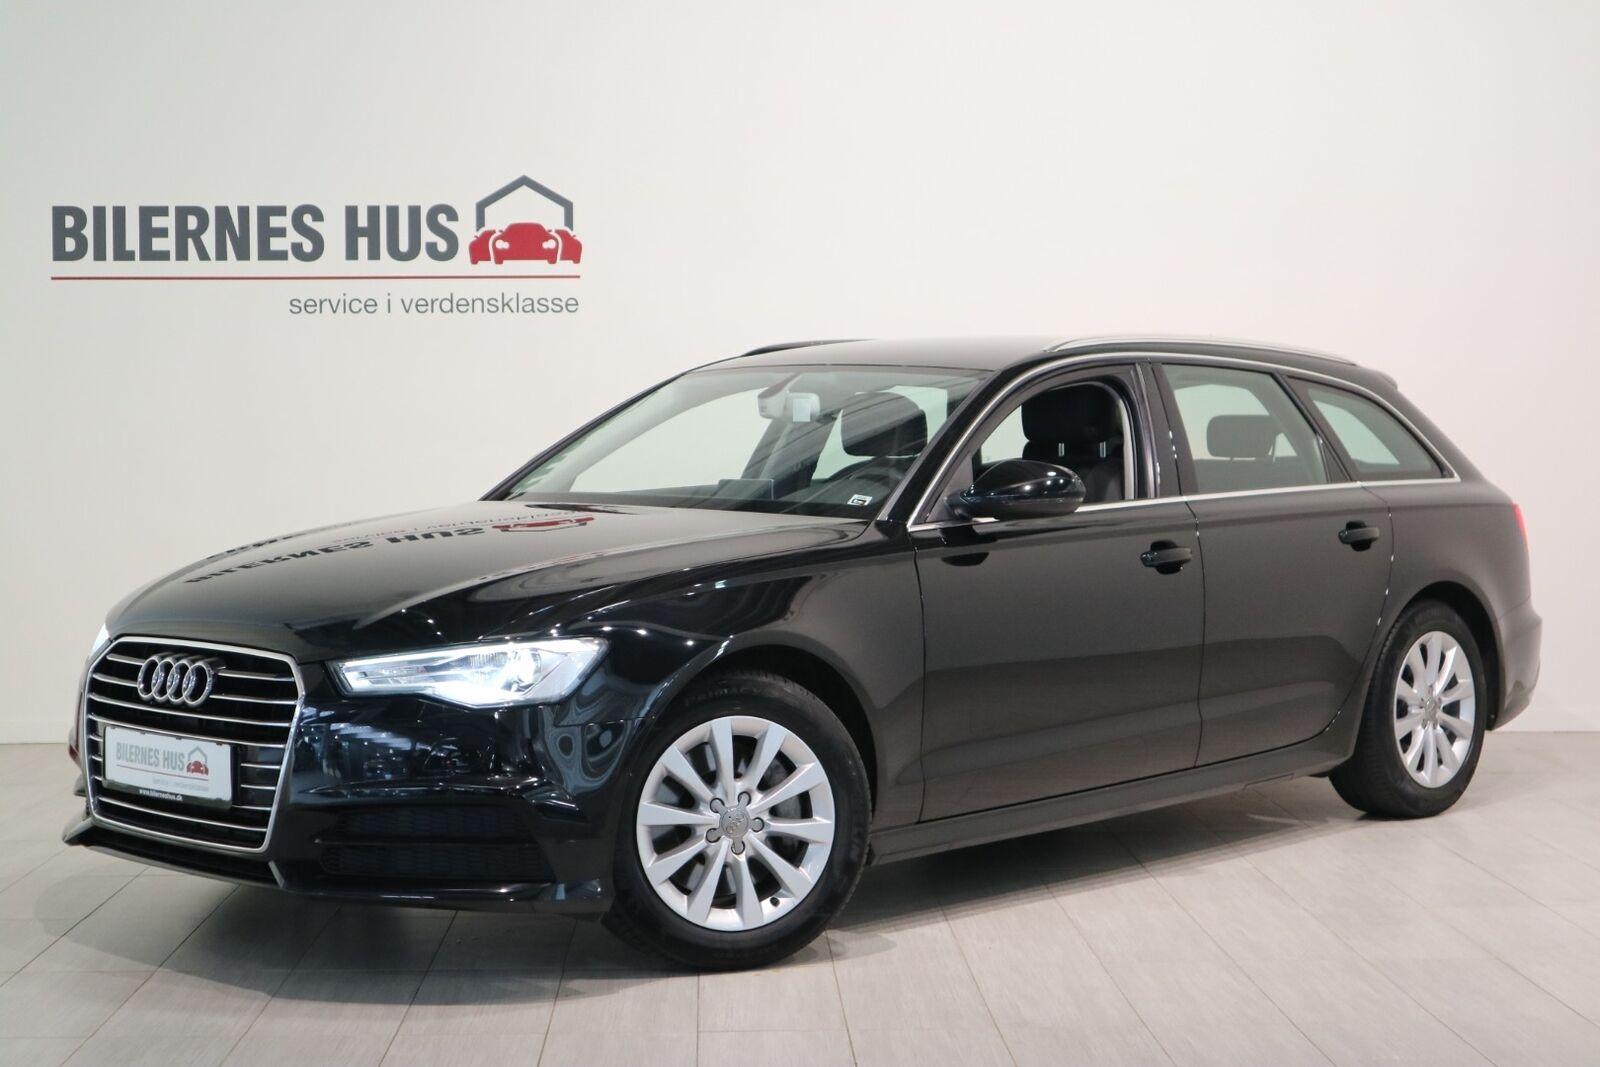 Audi A6 Billede 1